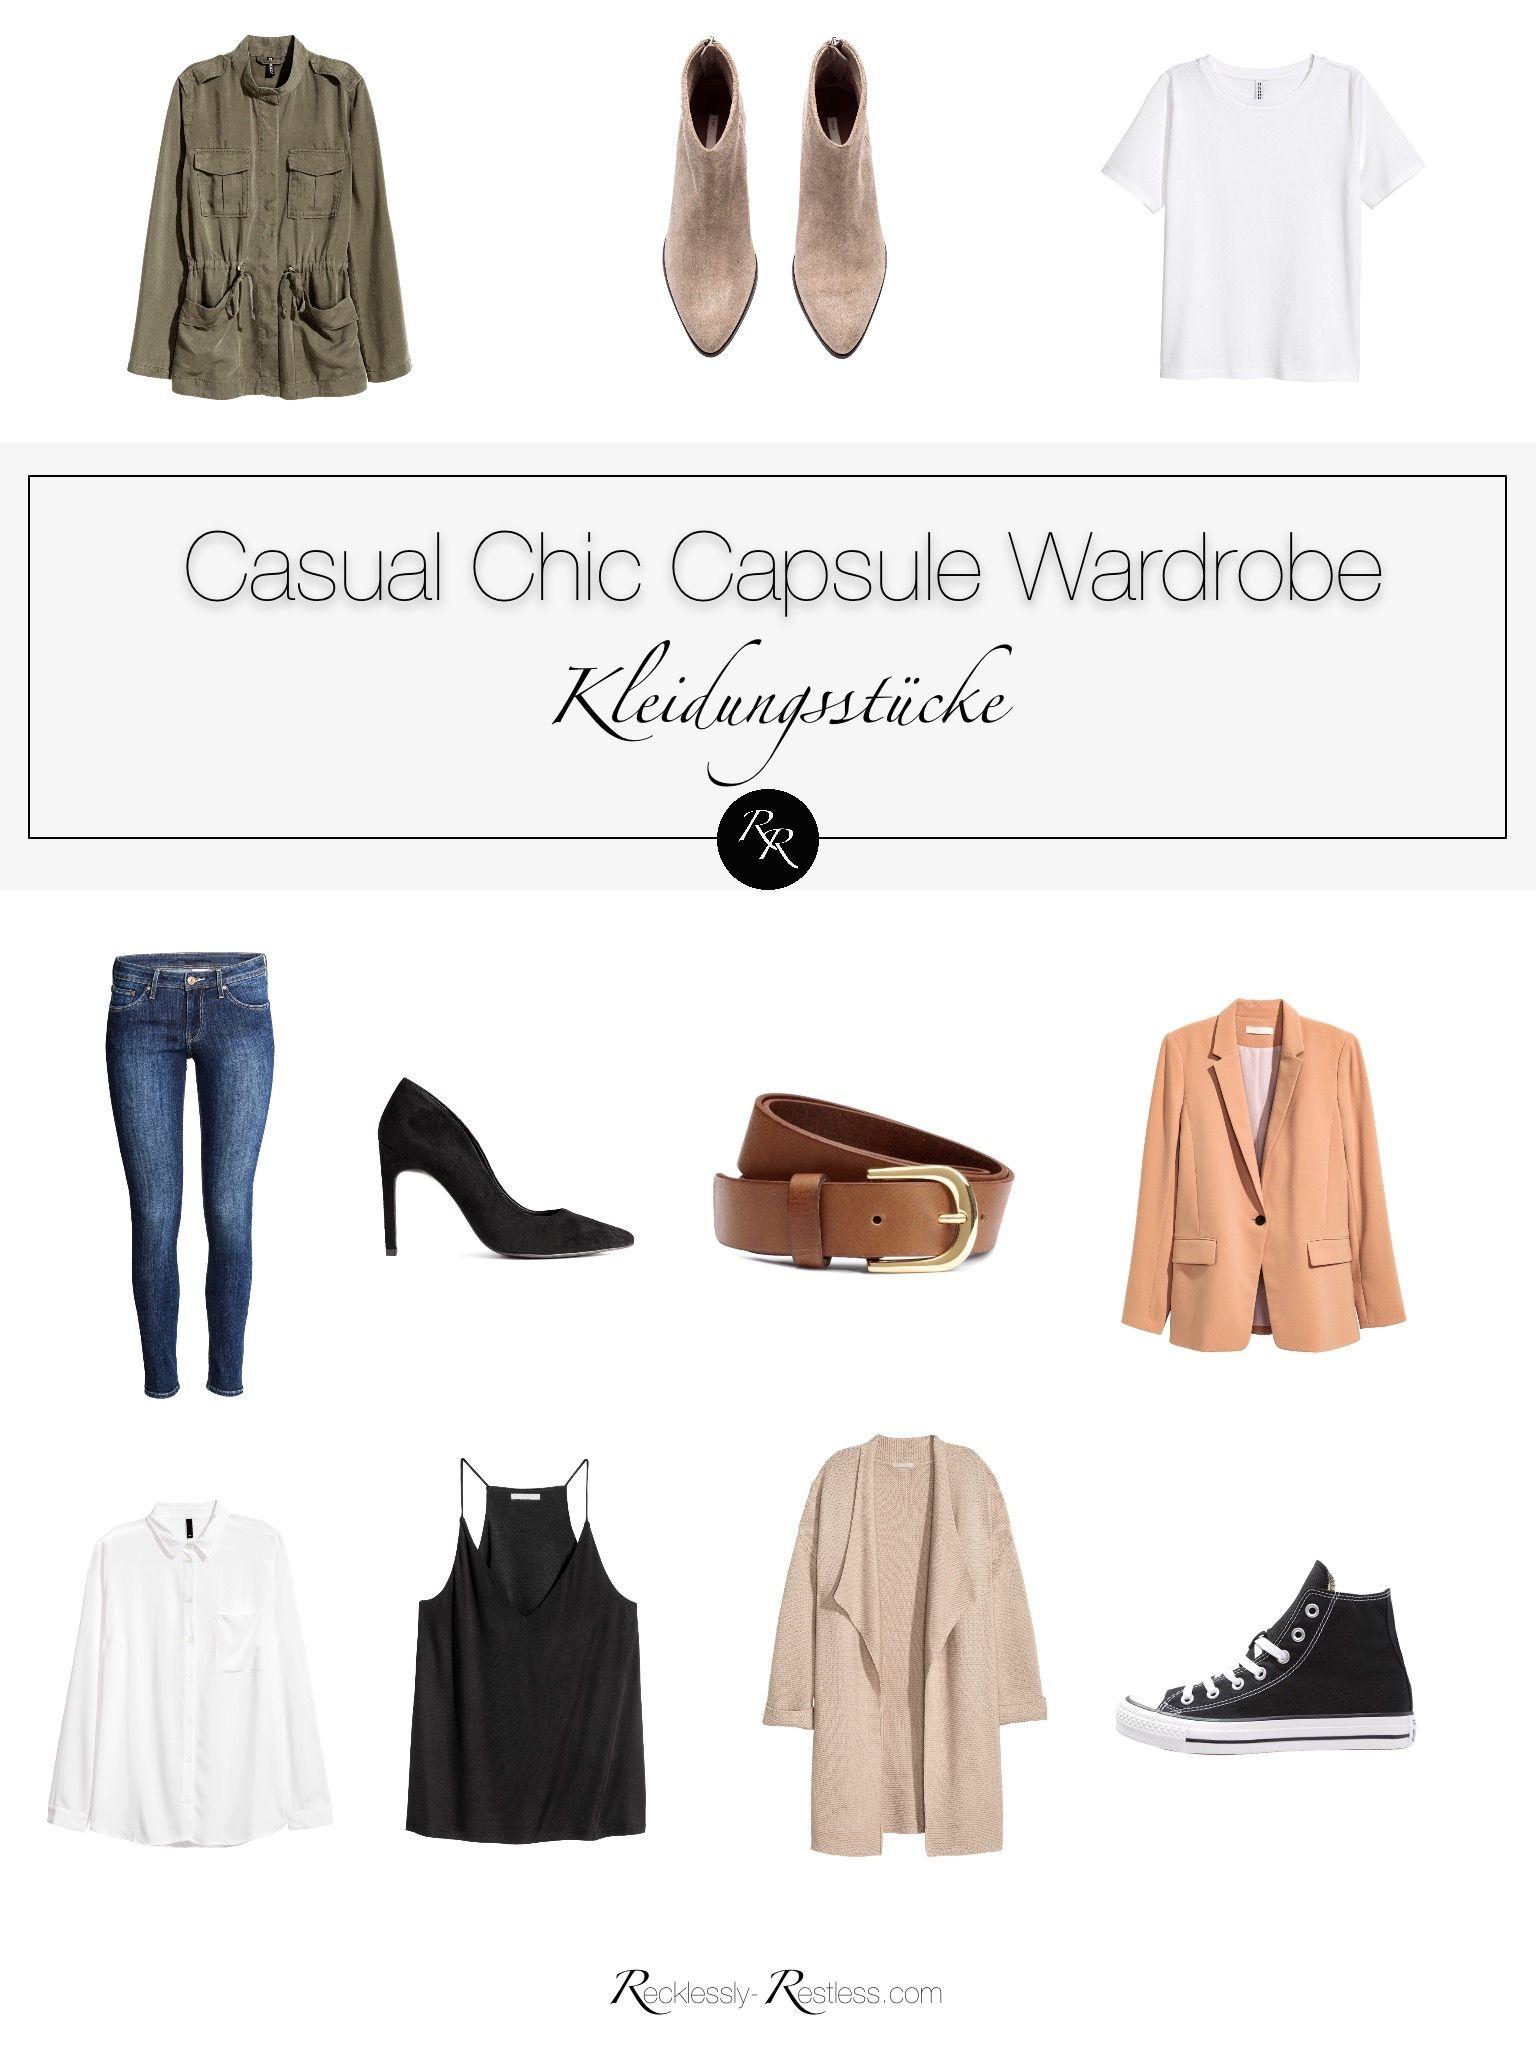 Stil Serie Wie Der Casual Chic Look Funktioniert Recklessly Restless Com Lassige Mode Kleidung Mode Bekleidungsstile